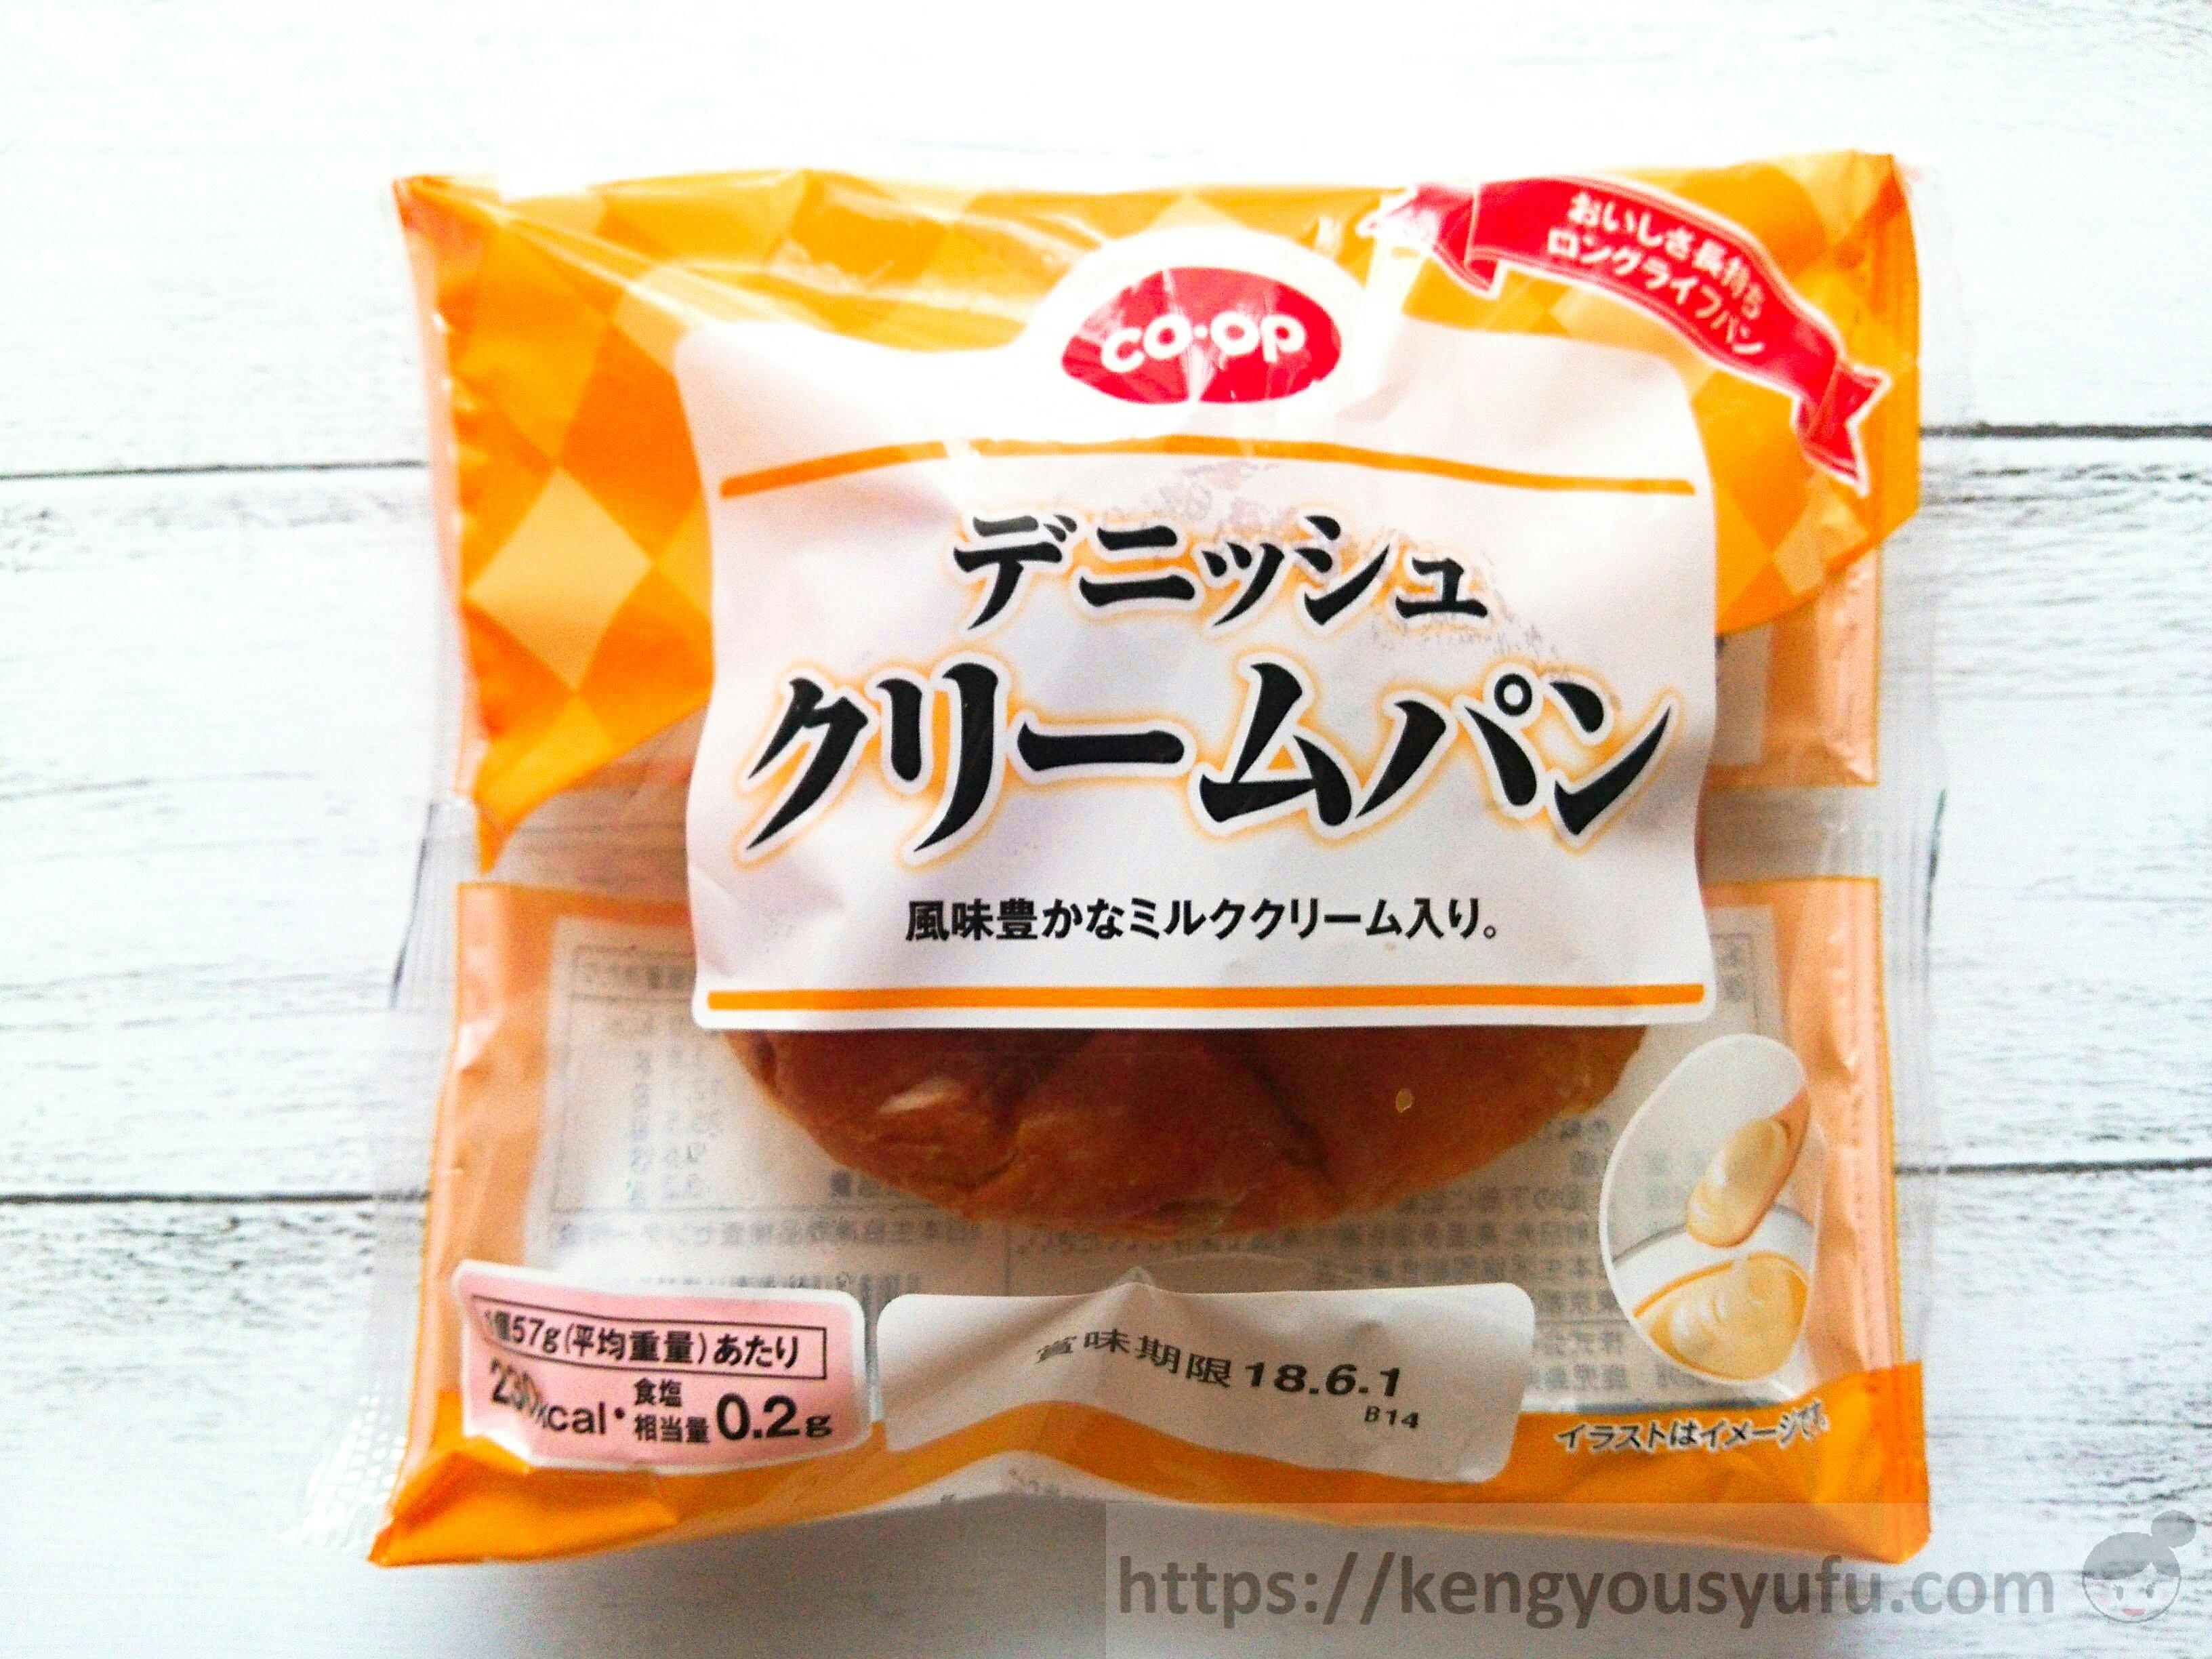 食材宅配コープデリで買ったデニッシュクリームパンをお試し